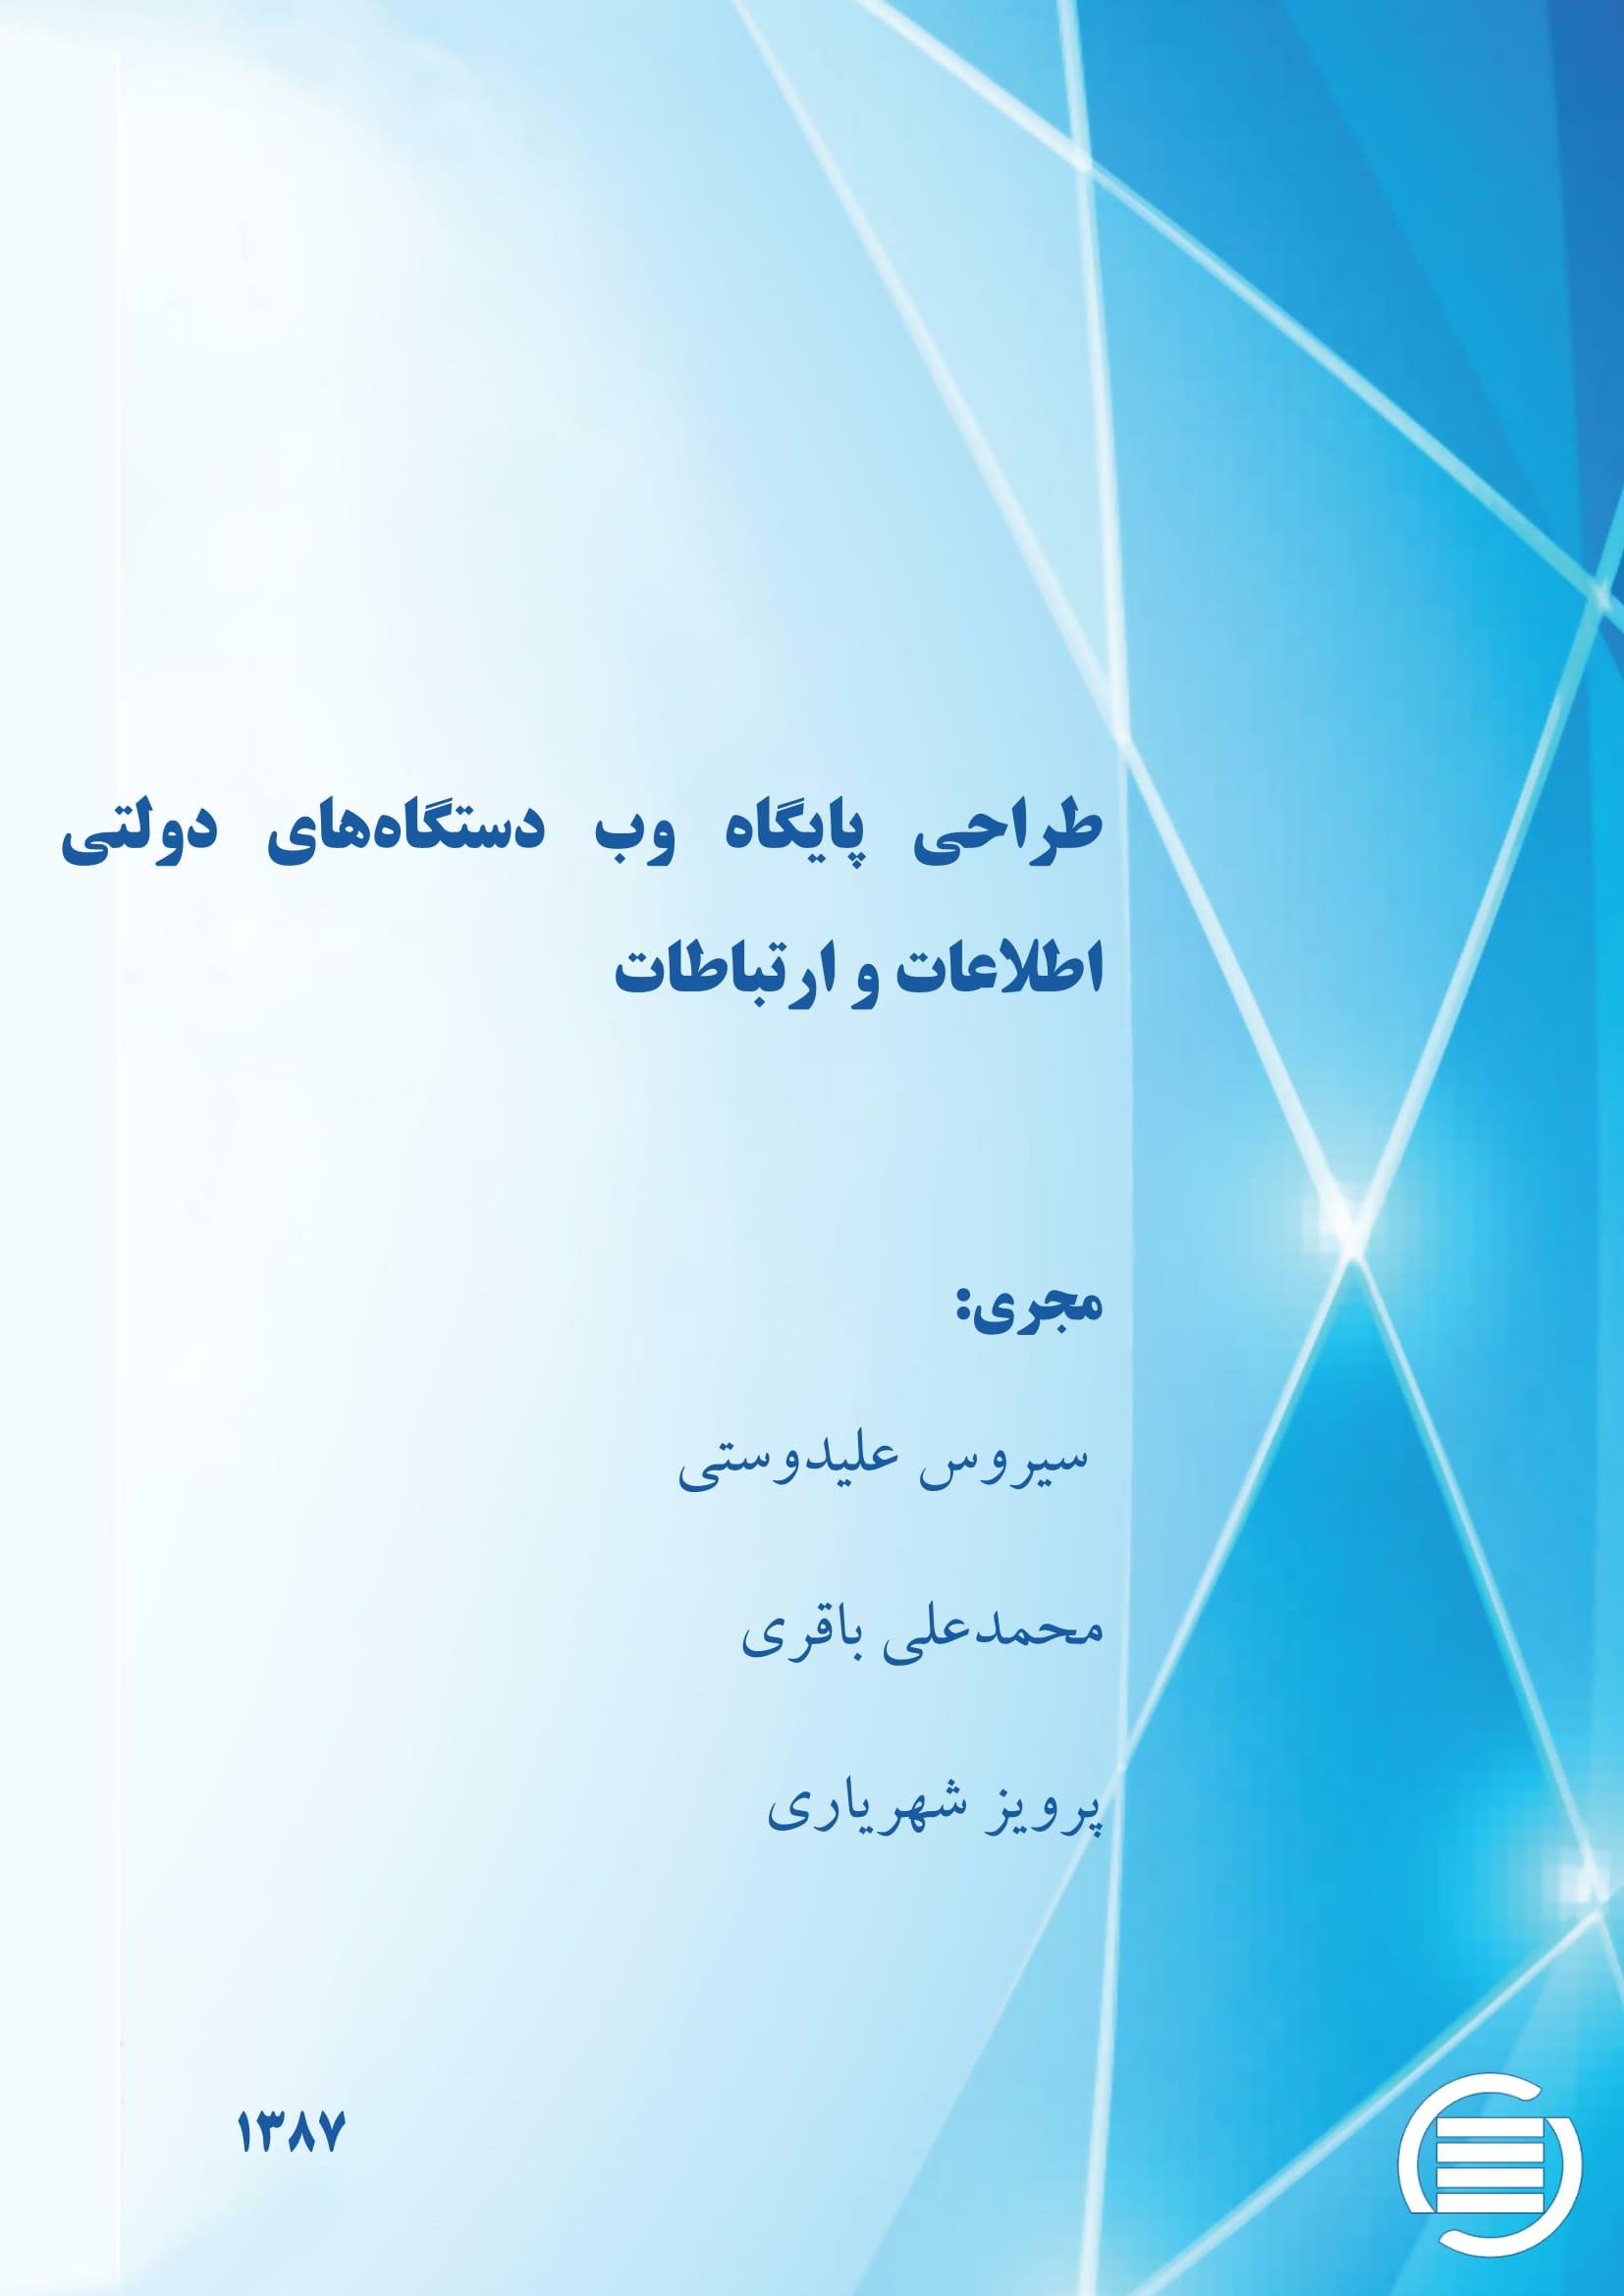 طراحی پایگاه وب دستگاههای دولتی اطلاعات و ارتباطات